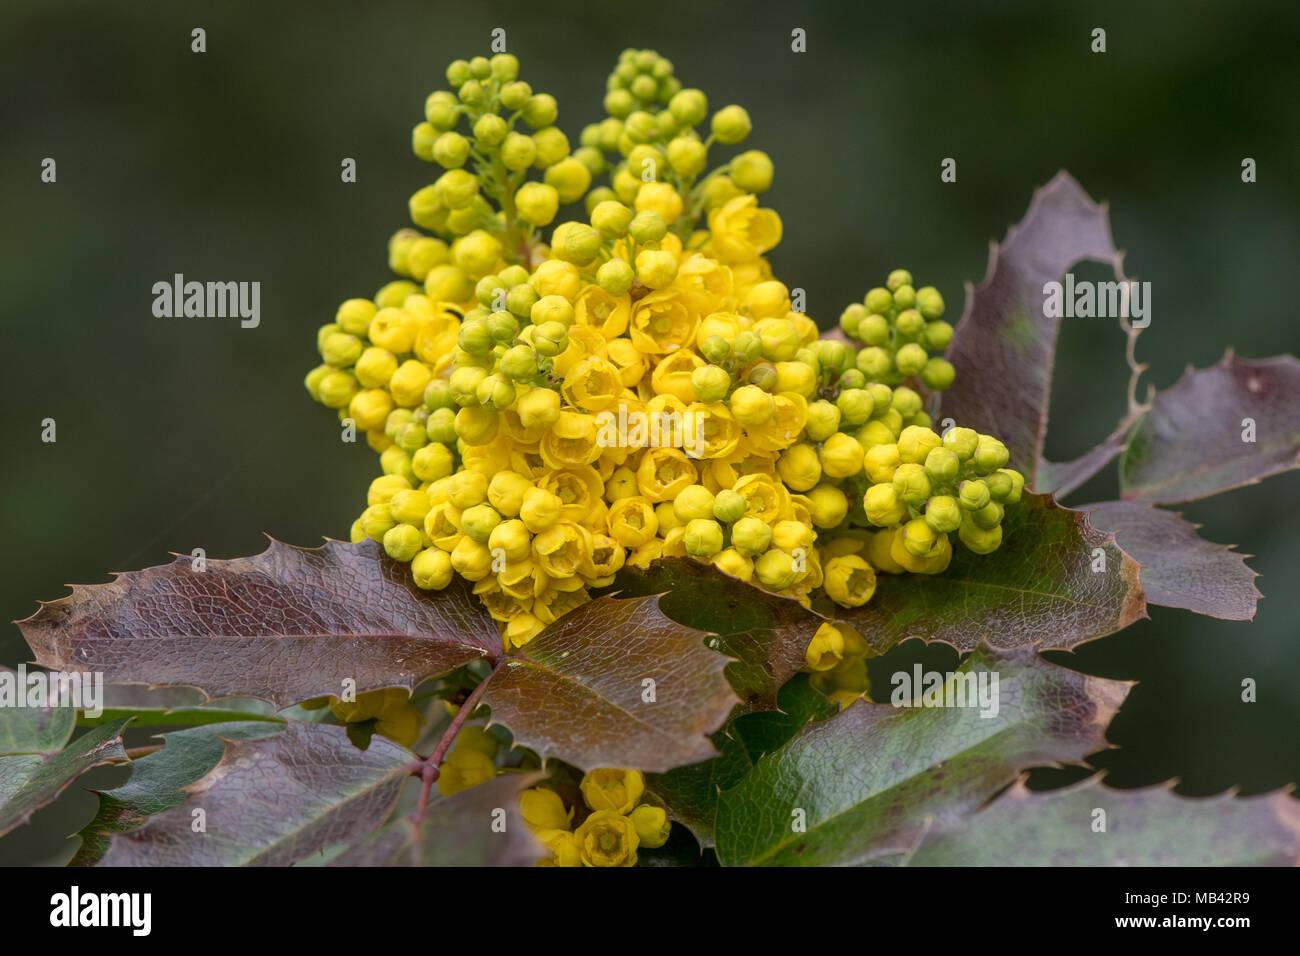 Fiori Gialli A Grappolo.Oregon Uva Mahonia Aquifolium In Fiore Grappolo Di Fiori Gialli